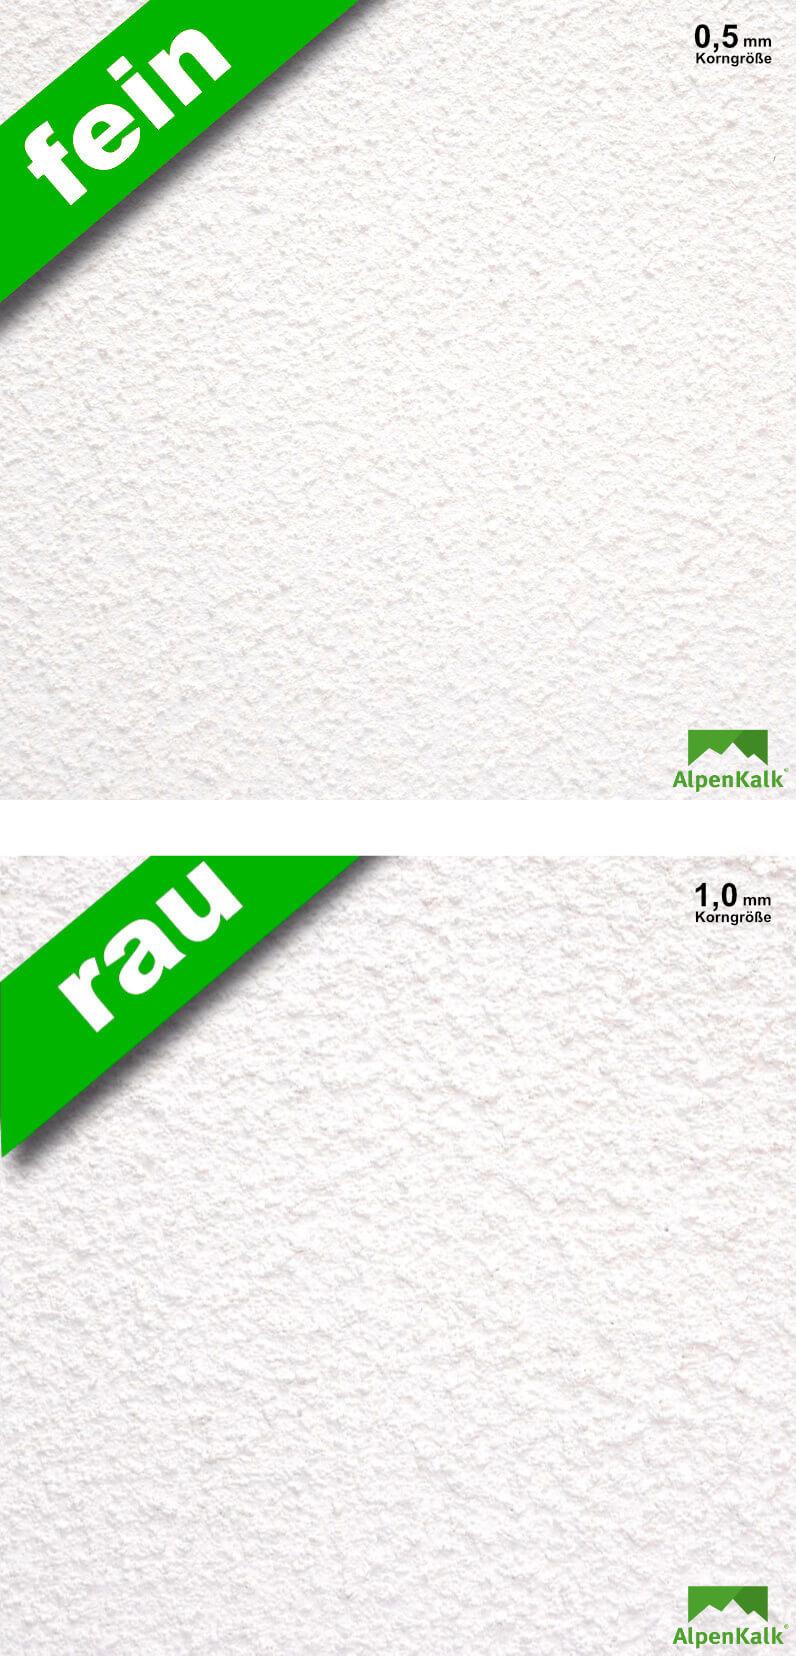 Super Streichputz, Rollputz innen - AlpenKalk kinderleicht auftragen RF19